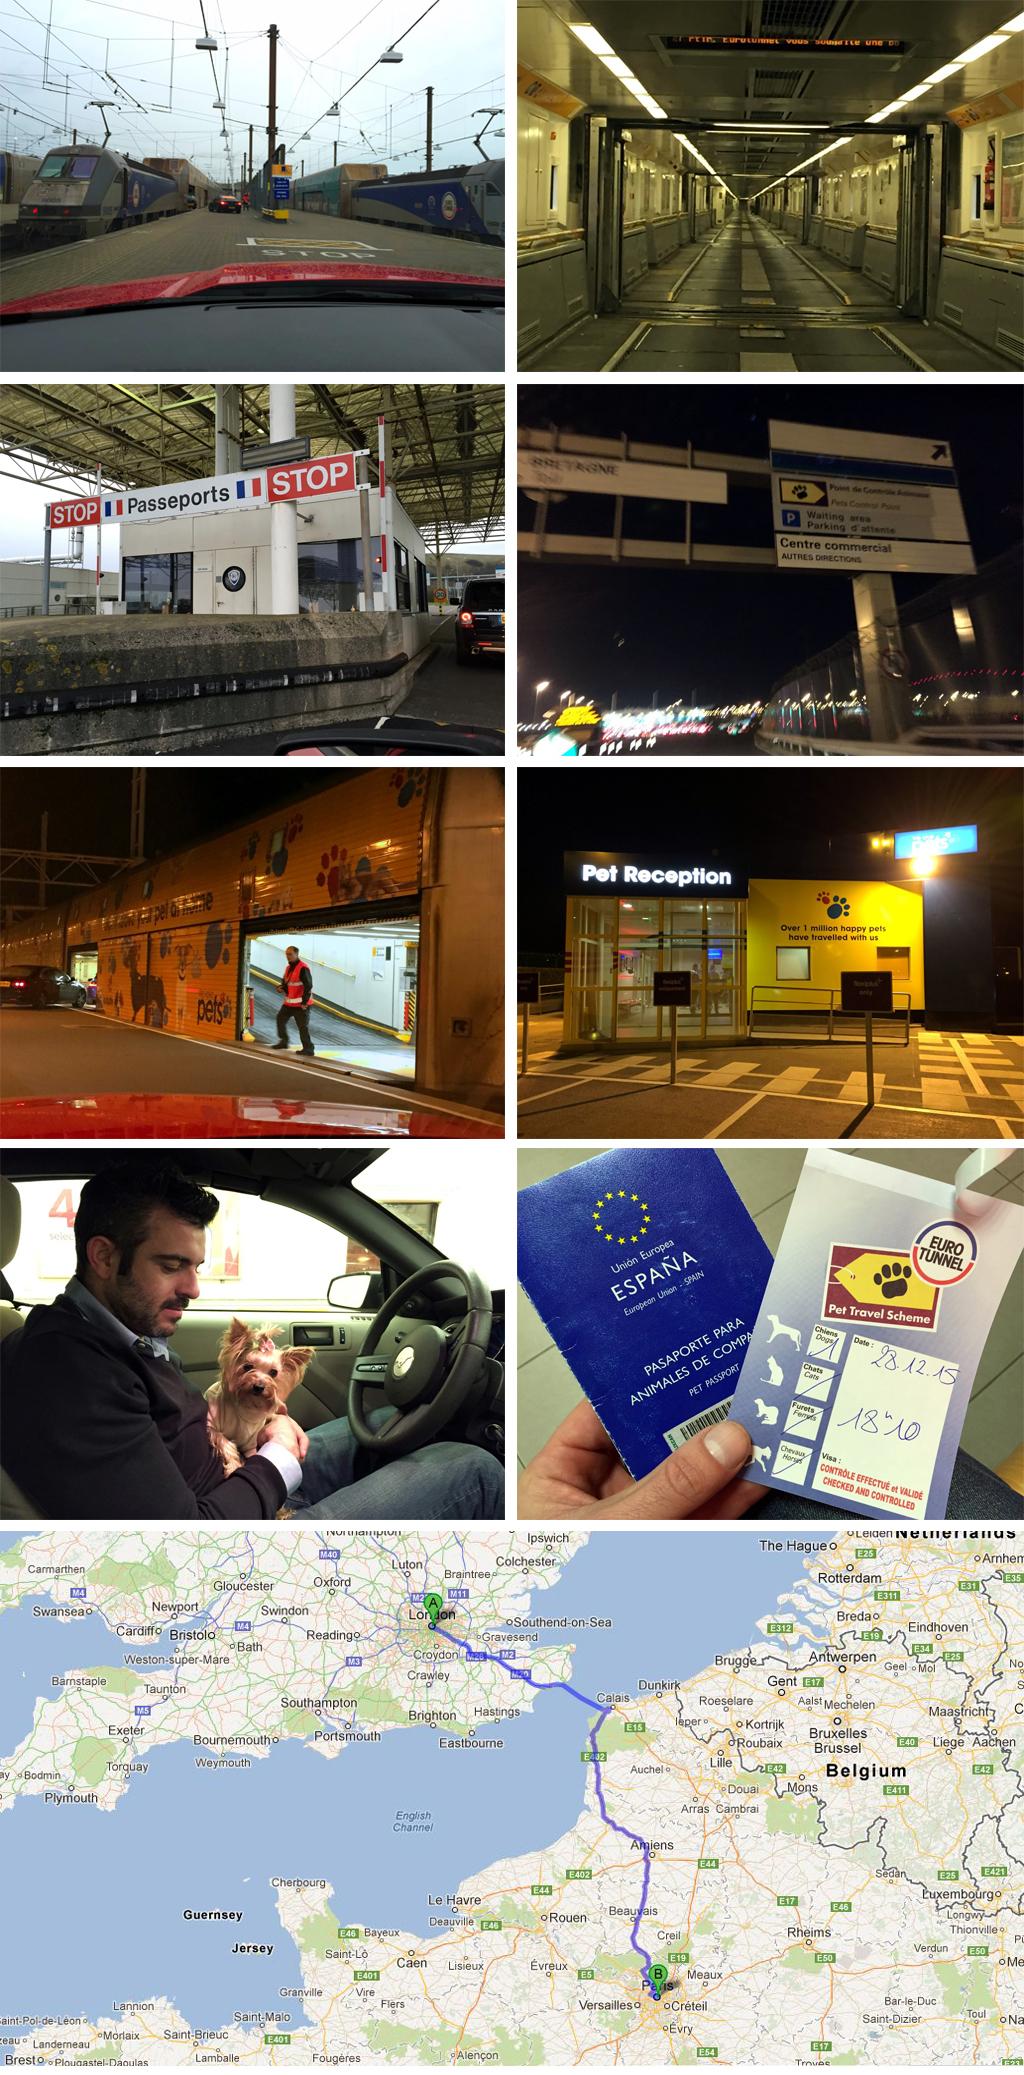 Viajar de París a Londres: Viajar de Francia a Inglaterra por el Eurotunel viajar de parís a londres - 24192017772 f3aee38b98 o - Viajar de París a Londres en coche y con perro